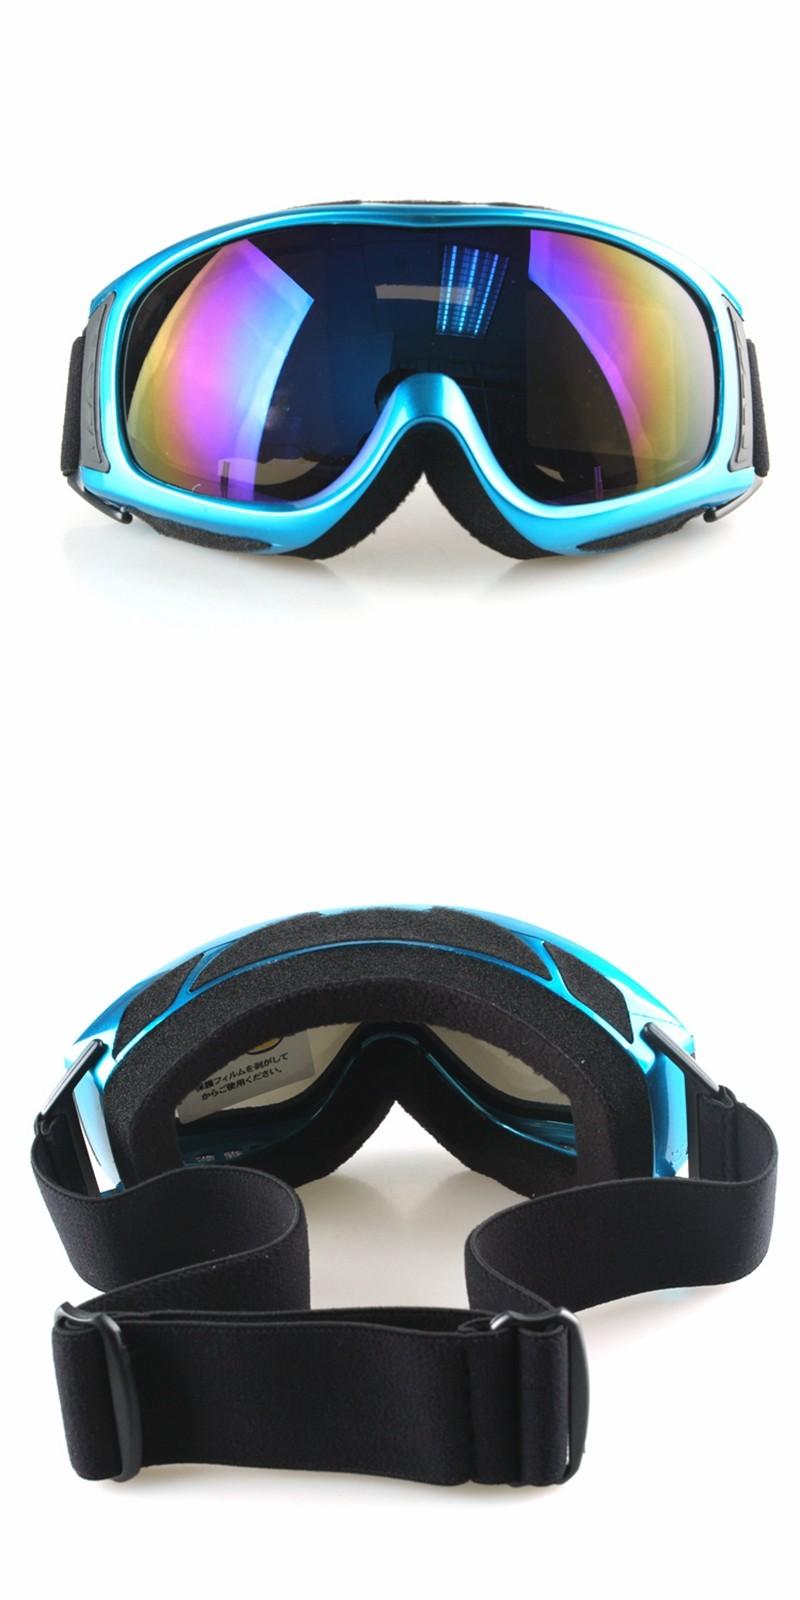 แว่นตากีฬากลางแจ้งแว่นตากันแดด Antifog Ski Ski